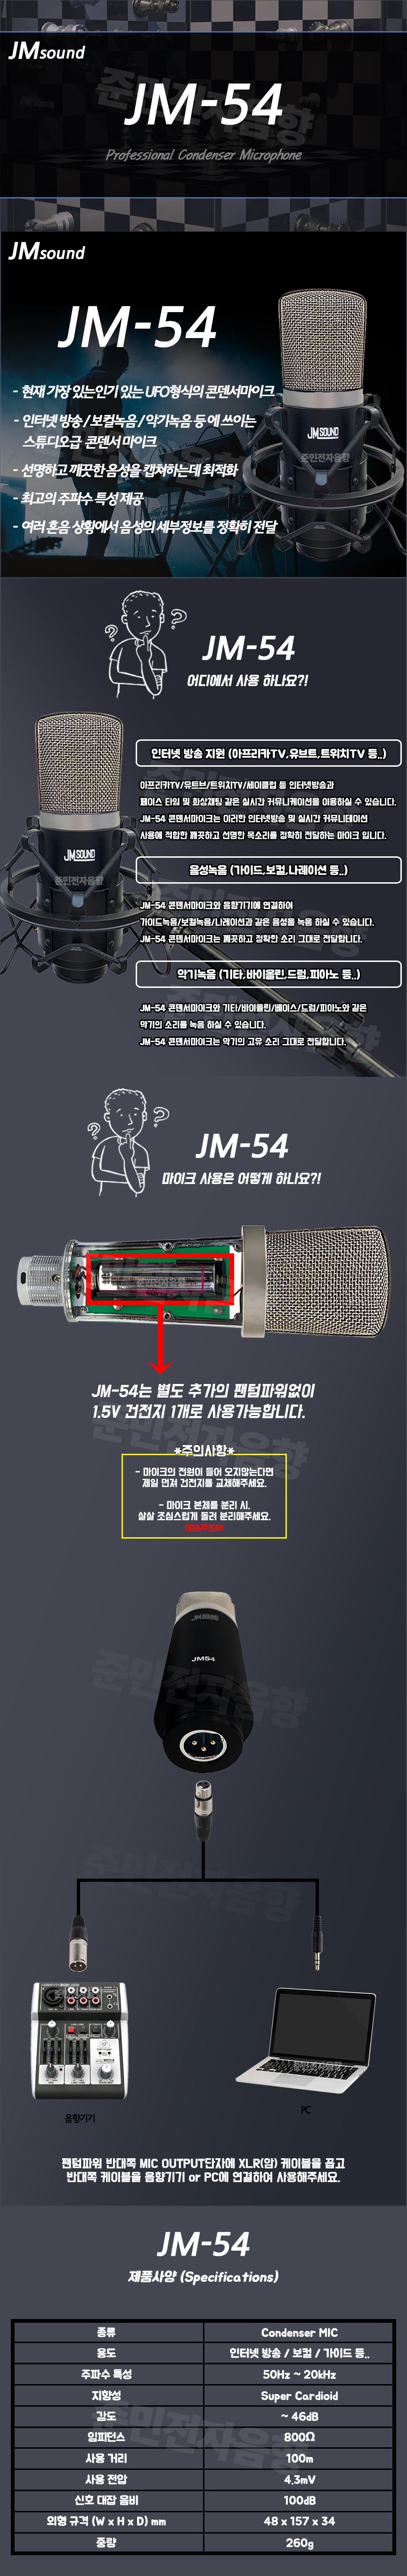 JM-54-JM-0624.jpg